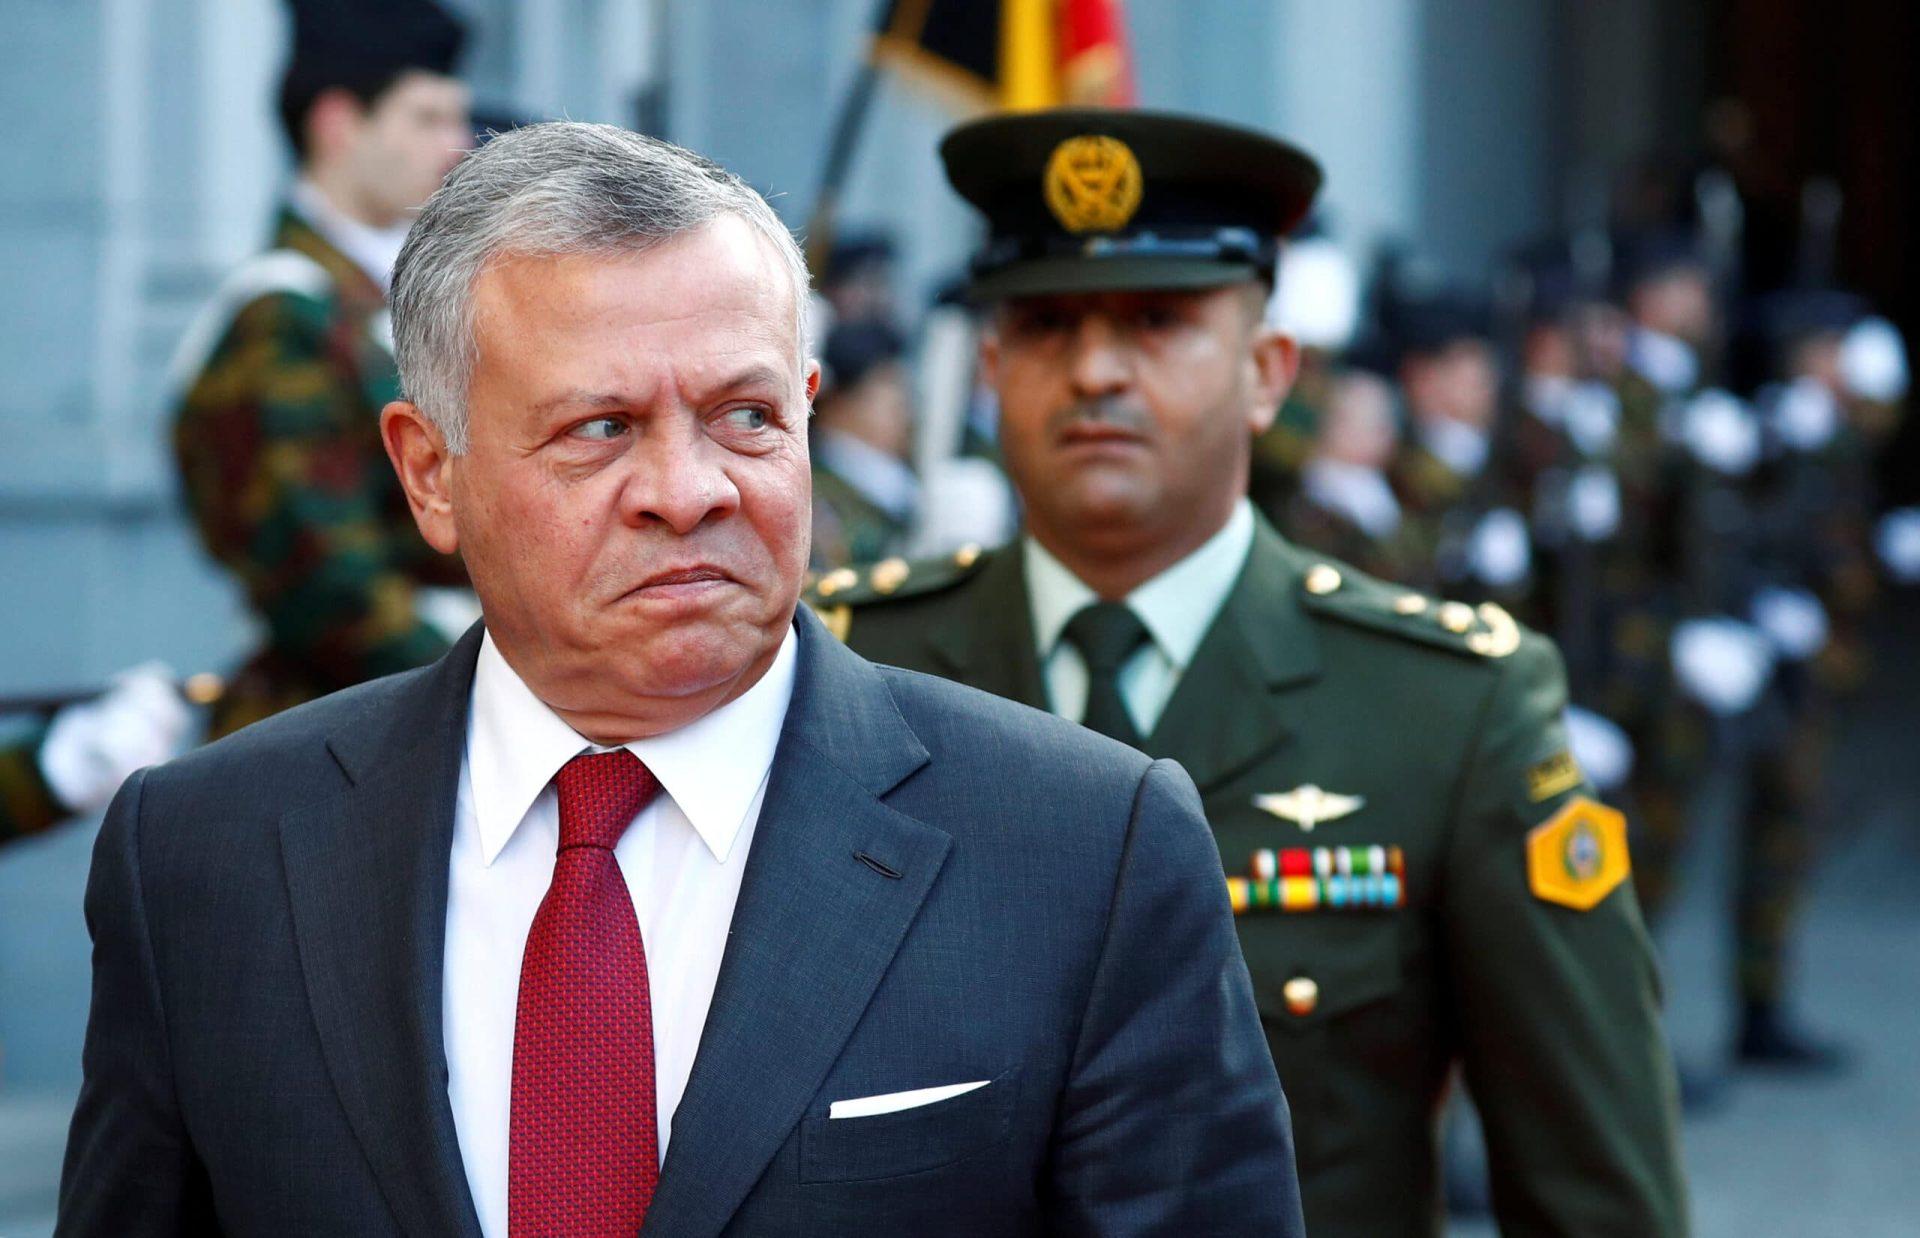 هل خطط أقرب حلفاء الأردن للإطاحة بملكه.. الغارديان تكشف تفاصيل المكالمة التي هزت الحكومة الأردنية